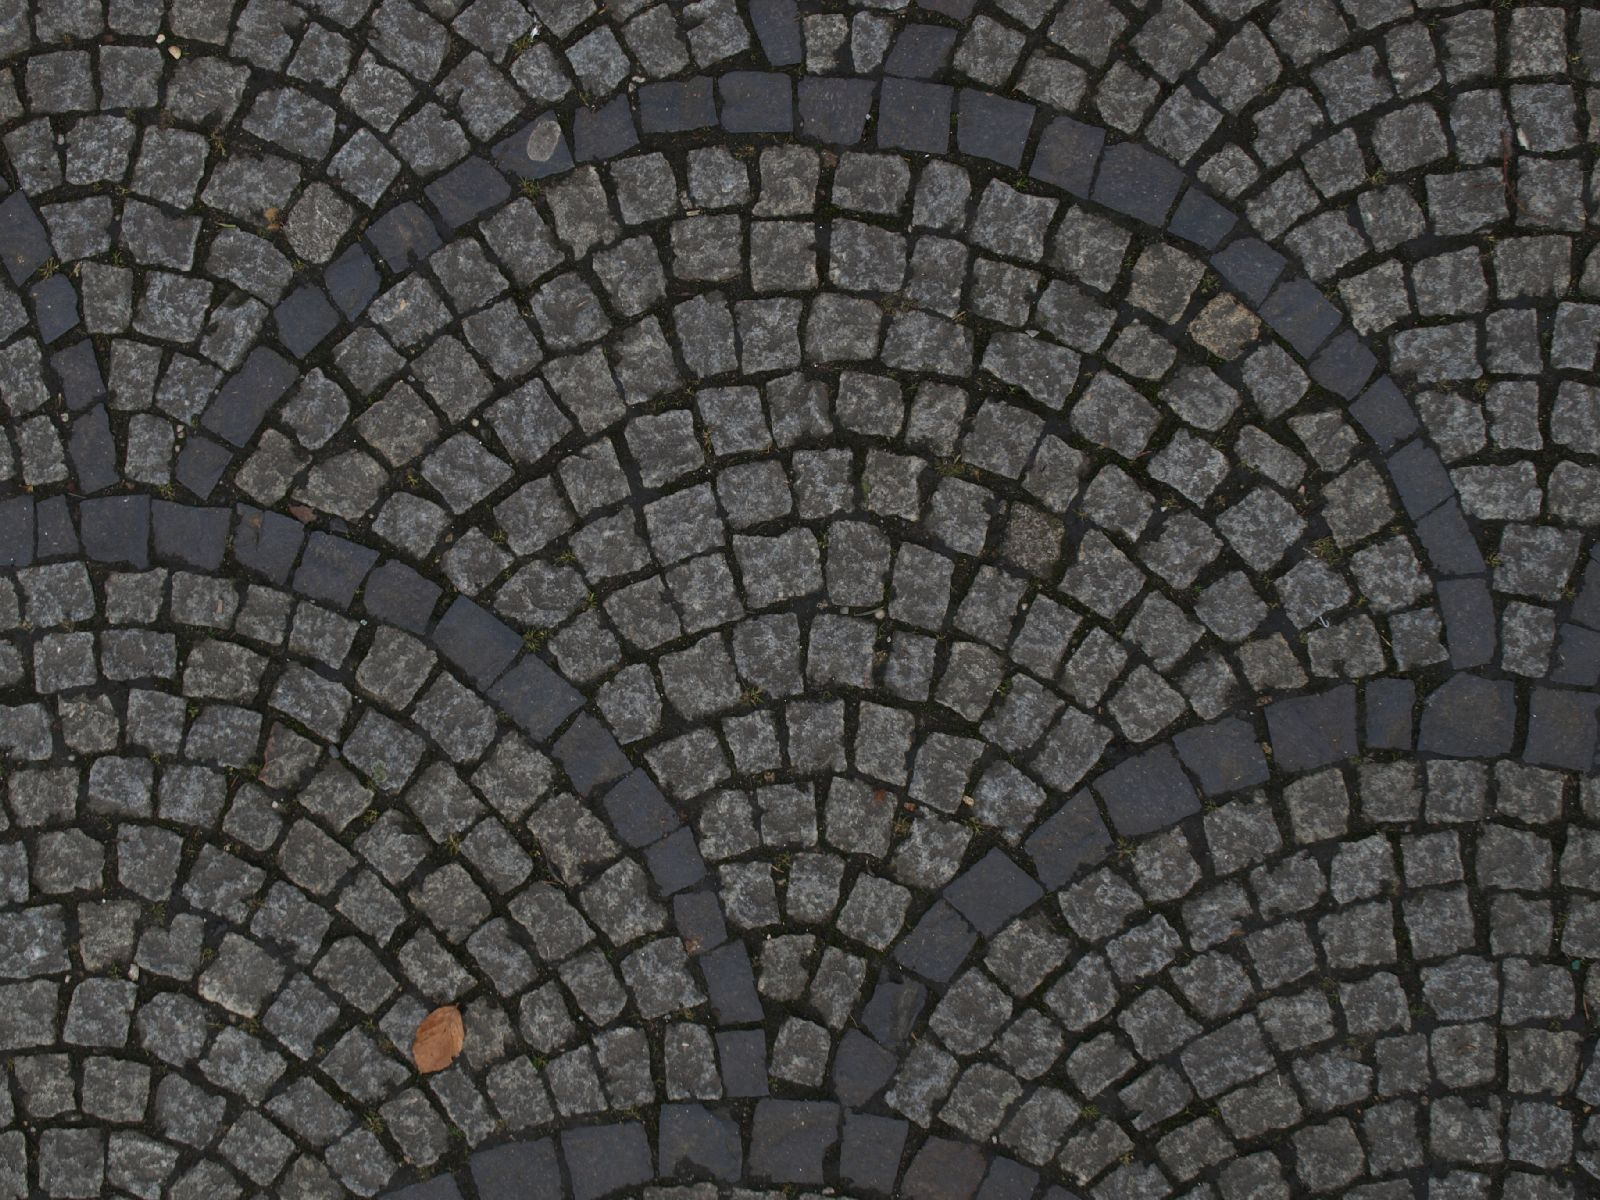 Ground-Urban_Texture_A_P1249820